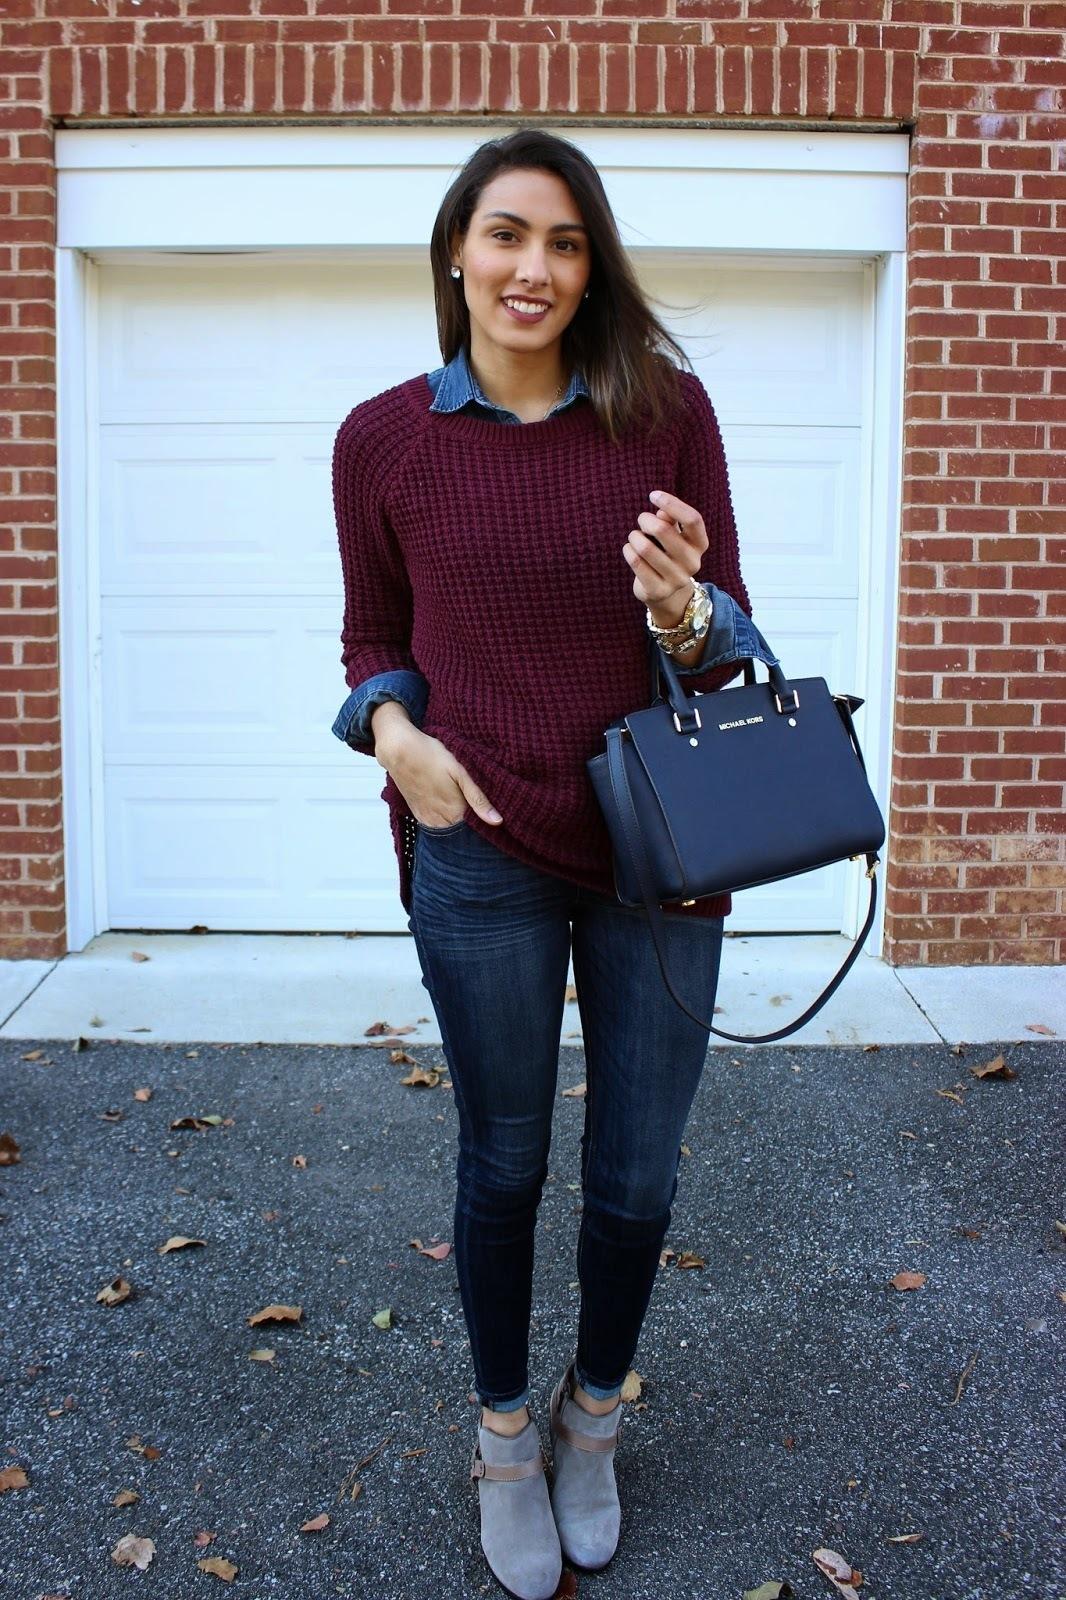 denim shirt oversized sweater tote bag skinny jeans ankle boots original. Black Bedroom Furniture Sets. Home Design Ideas